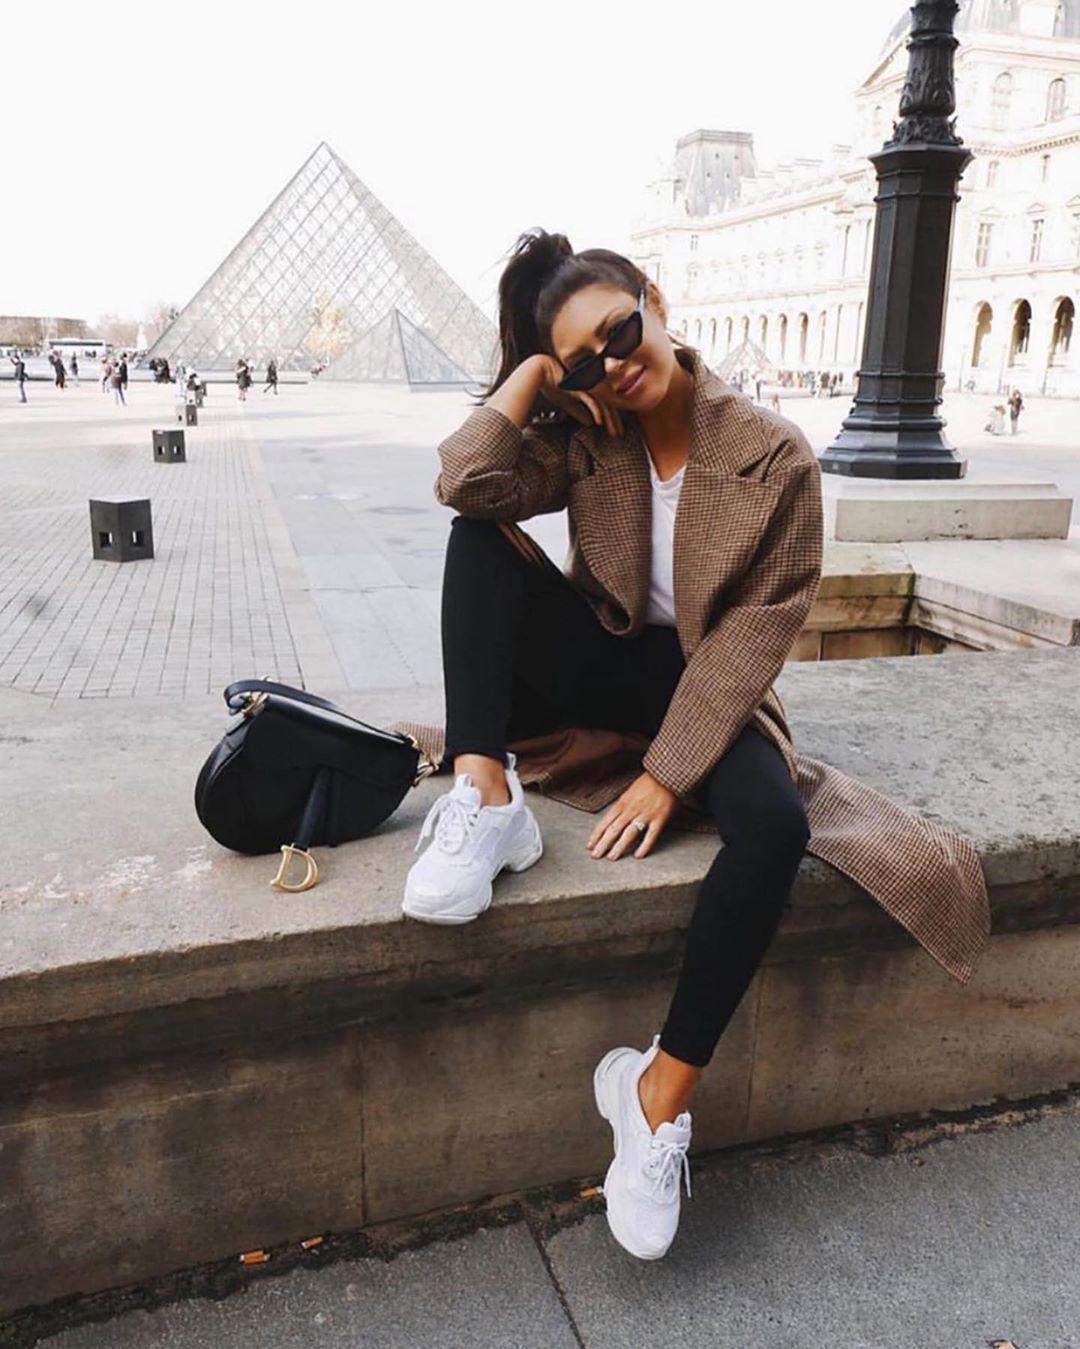 Белые кроссовки + брюки: самые удачные сочетания - 4